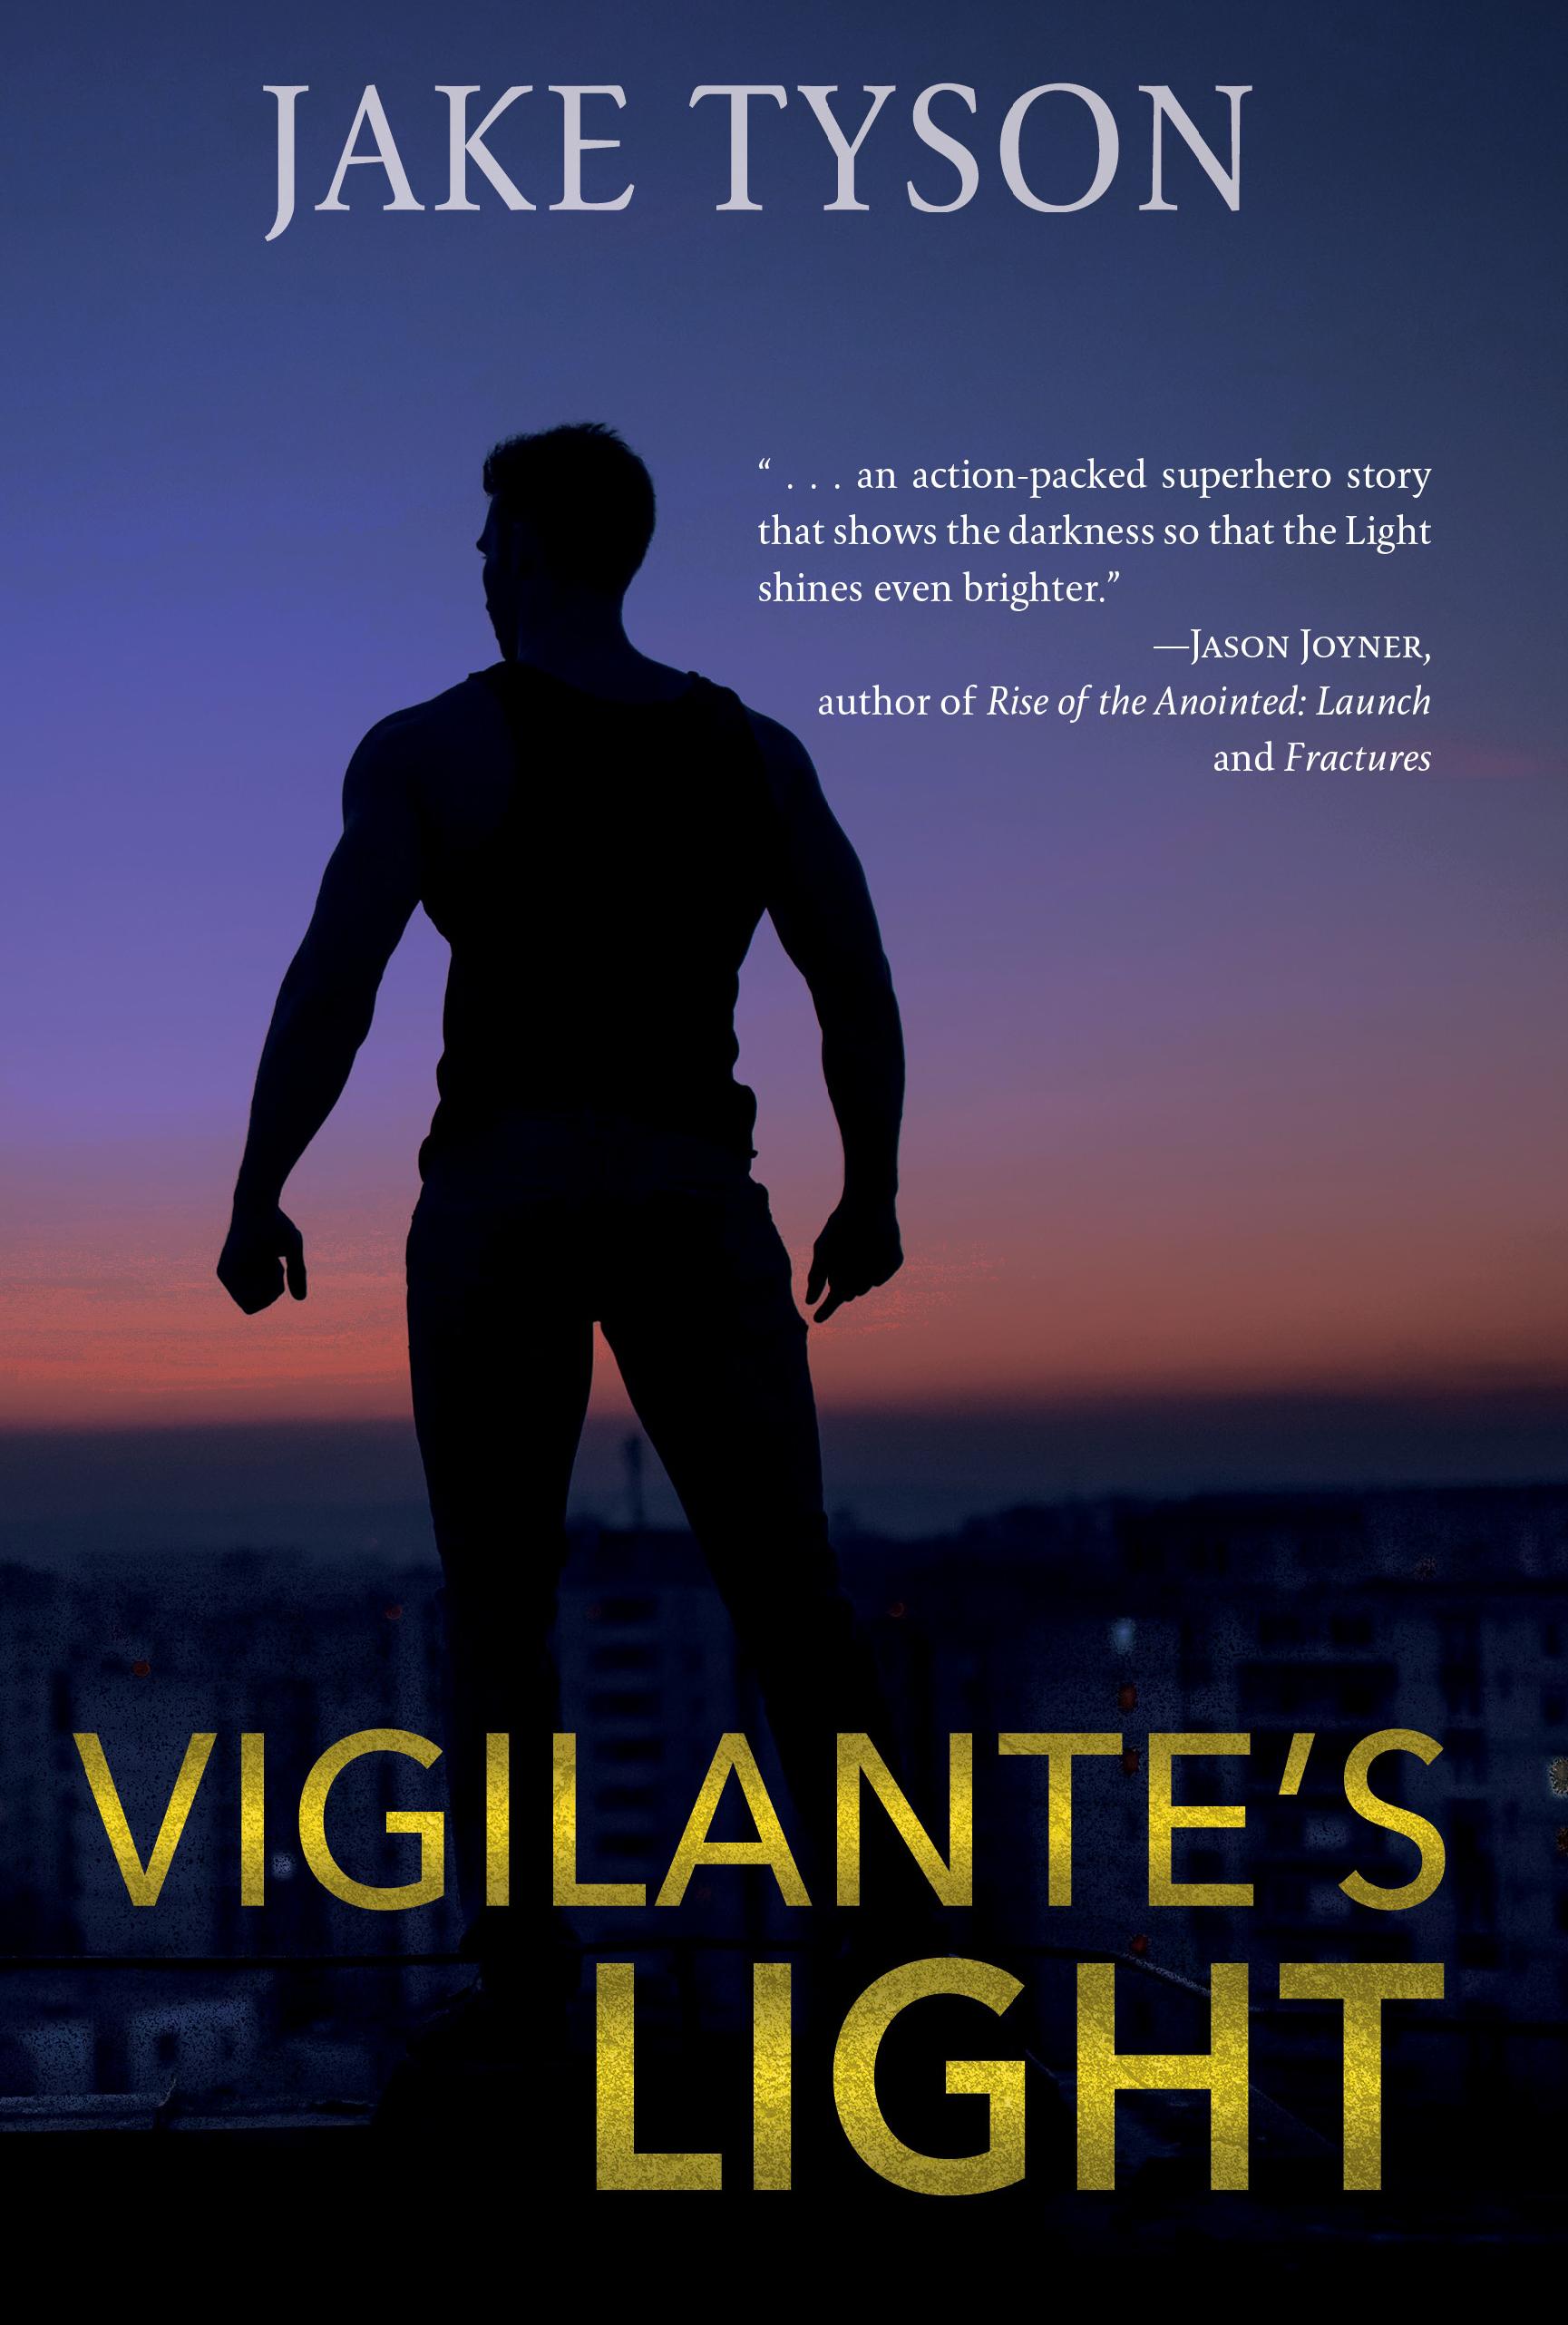 Vigilante's Light by Jake Tyson